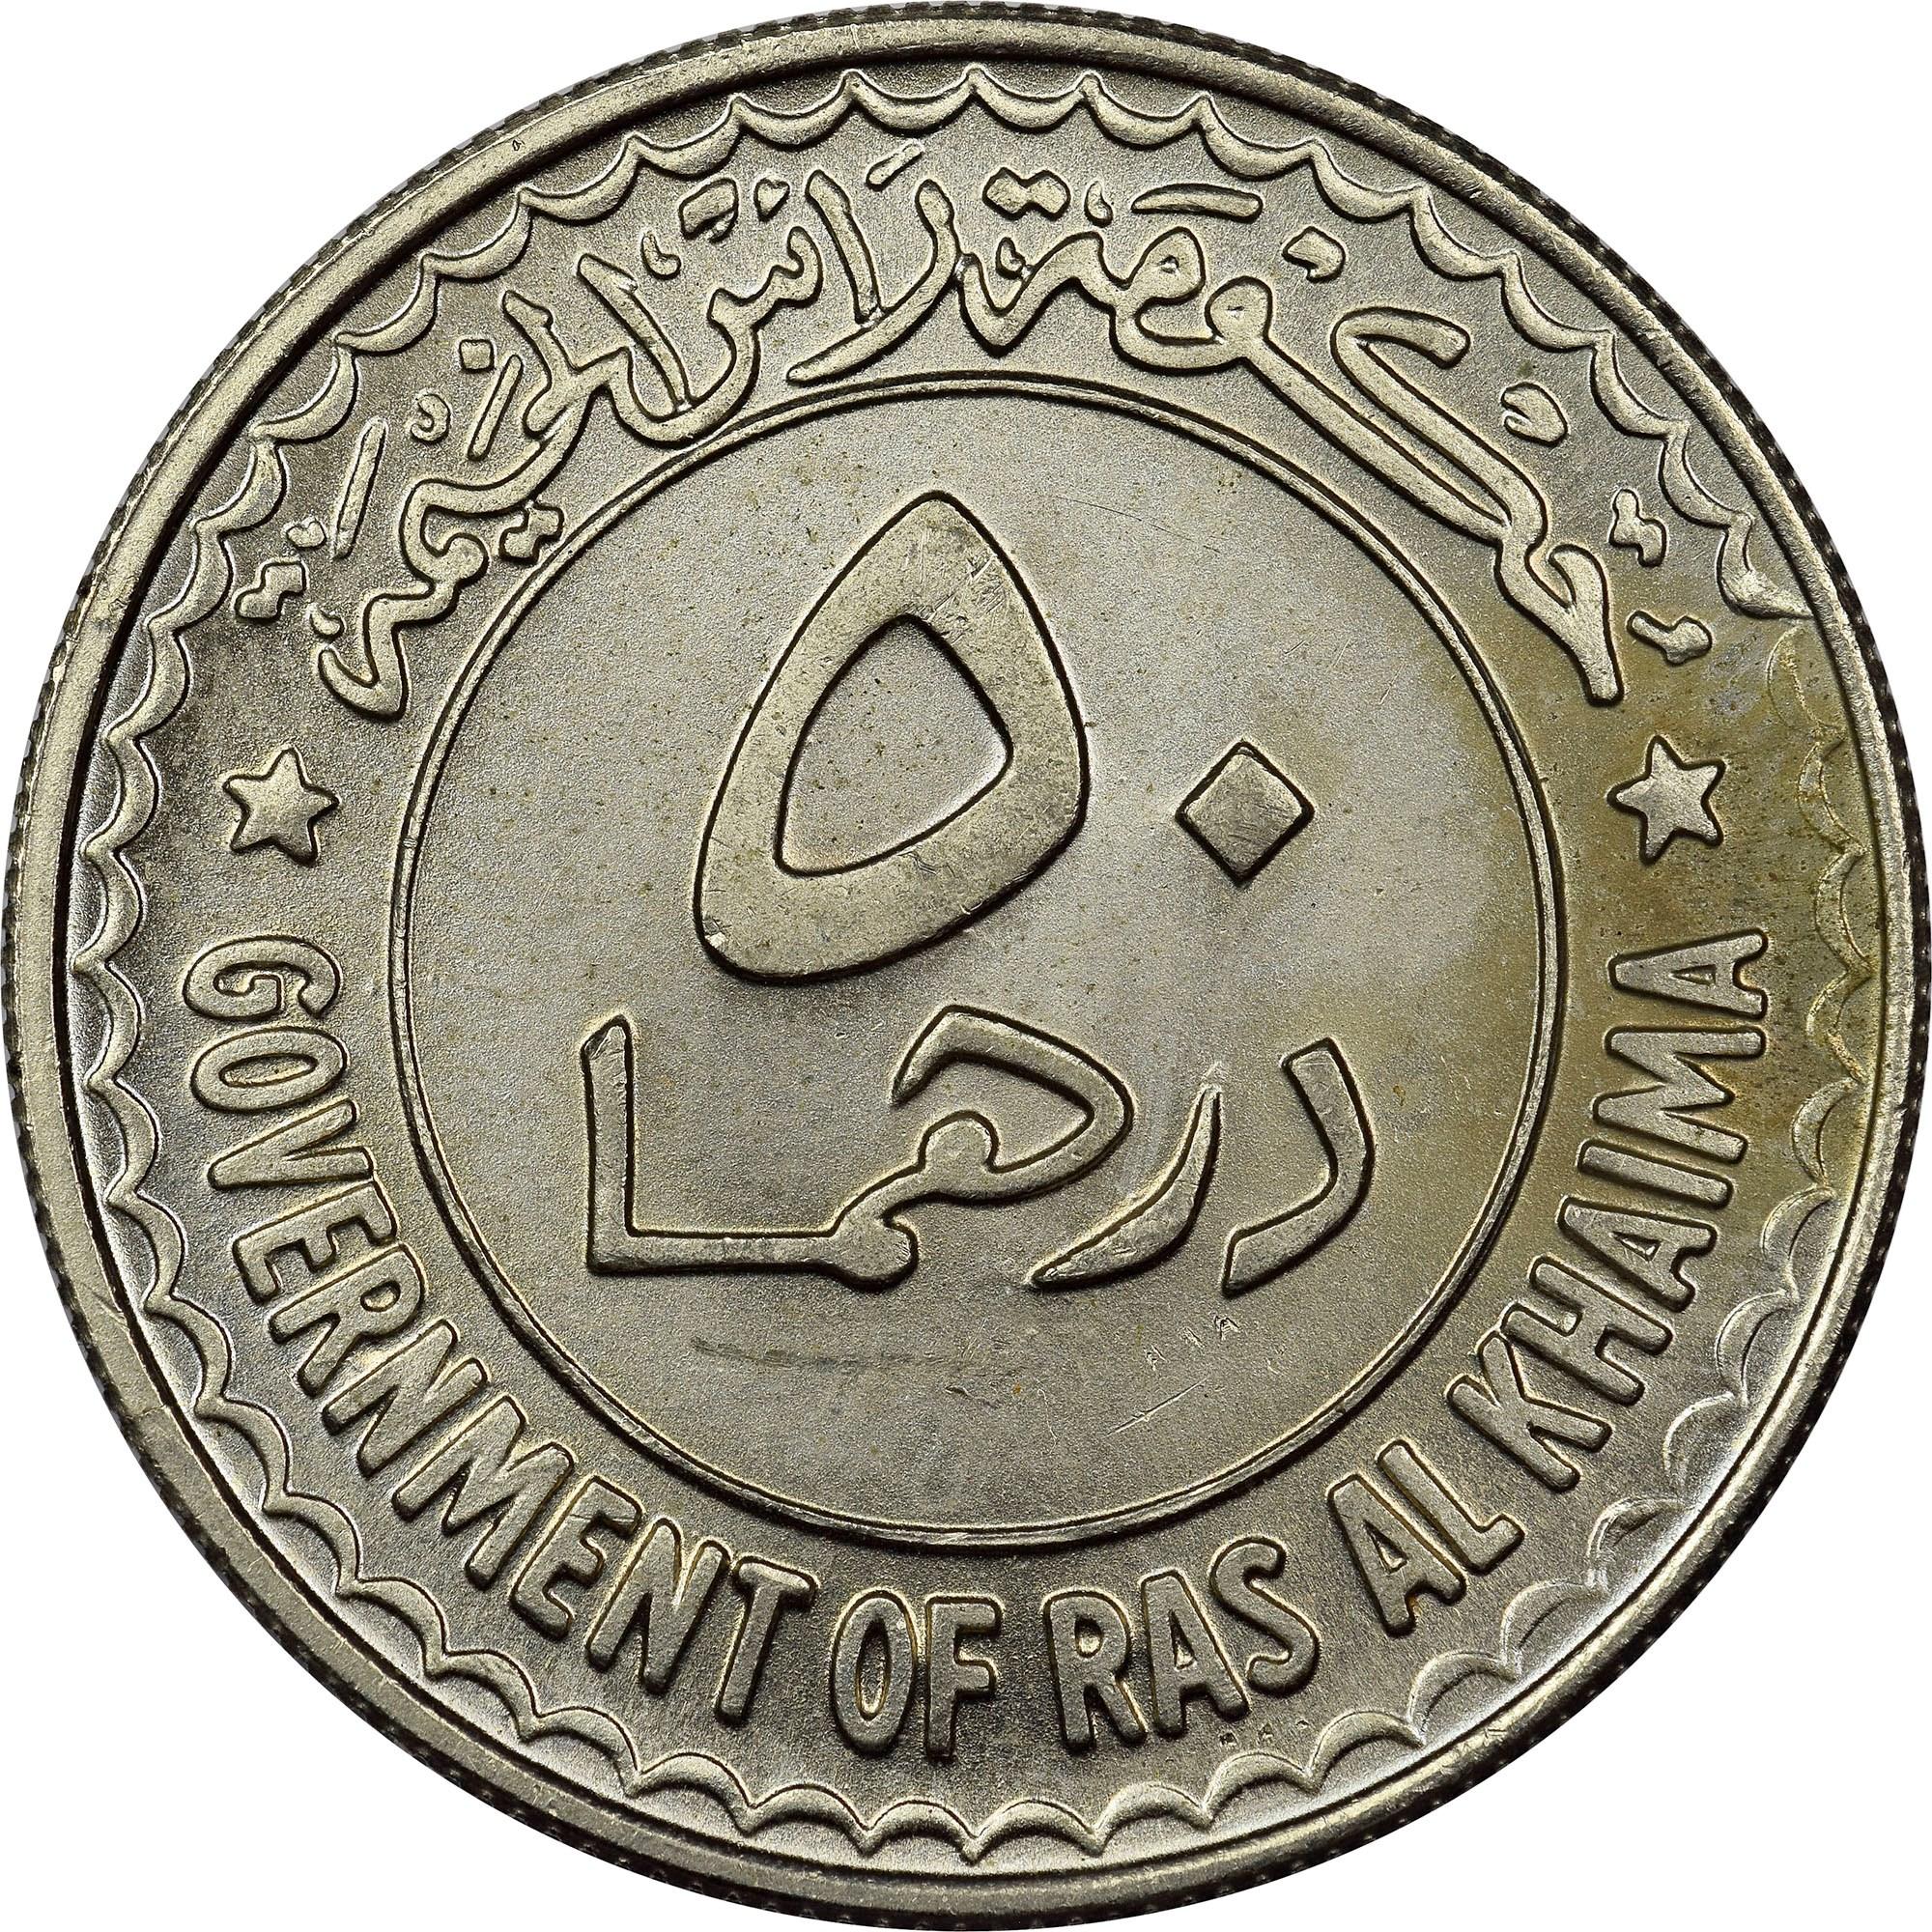 Ras Al-Khaimah 50 Dirhams obverse